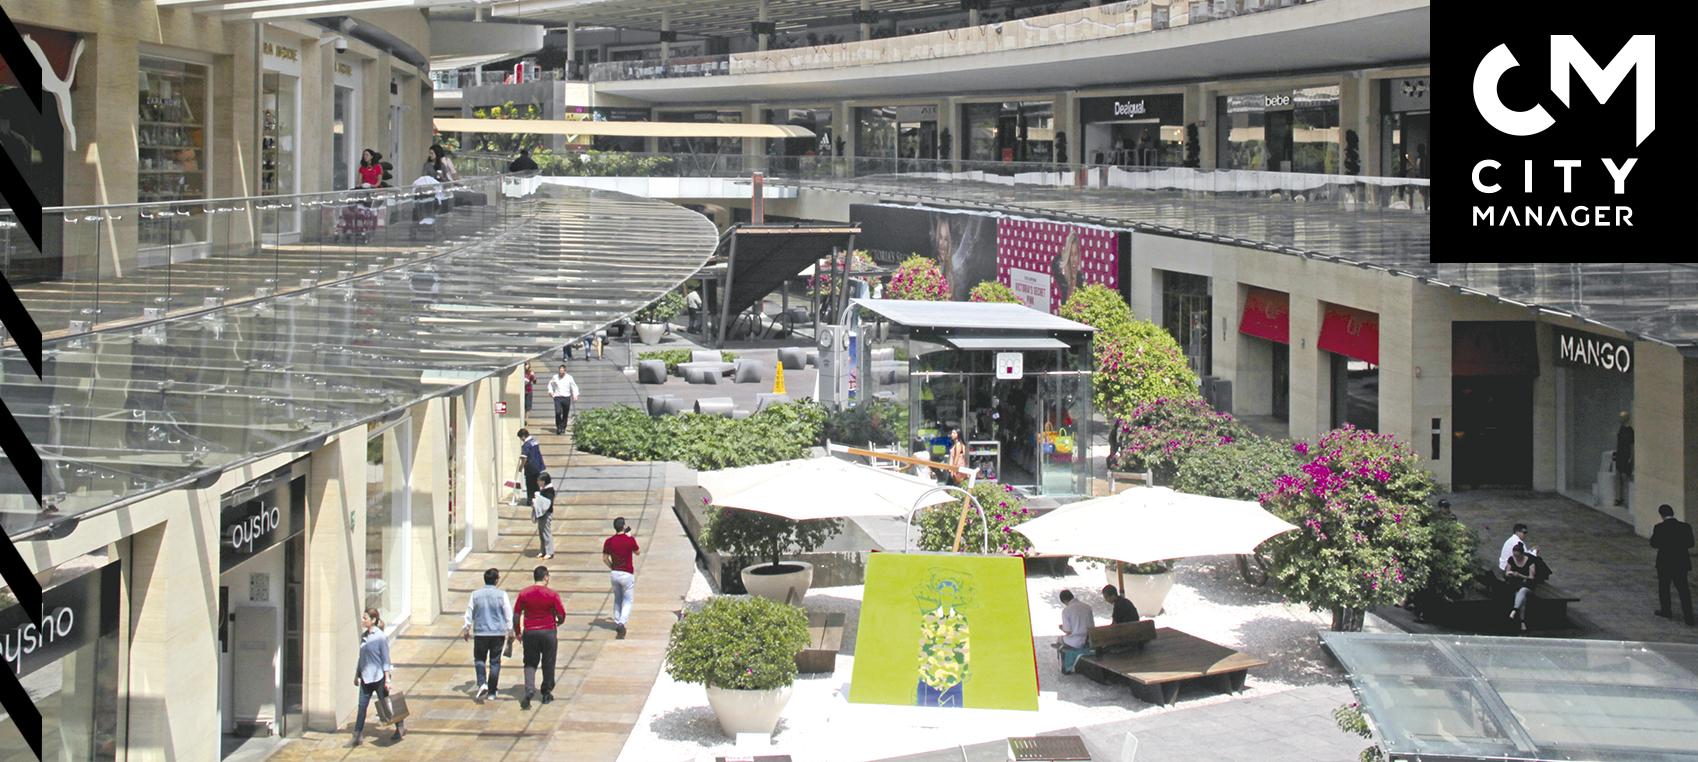 Dominan centros comerciales espacio público